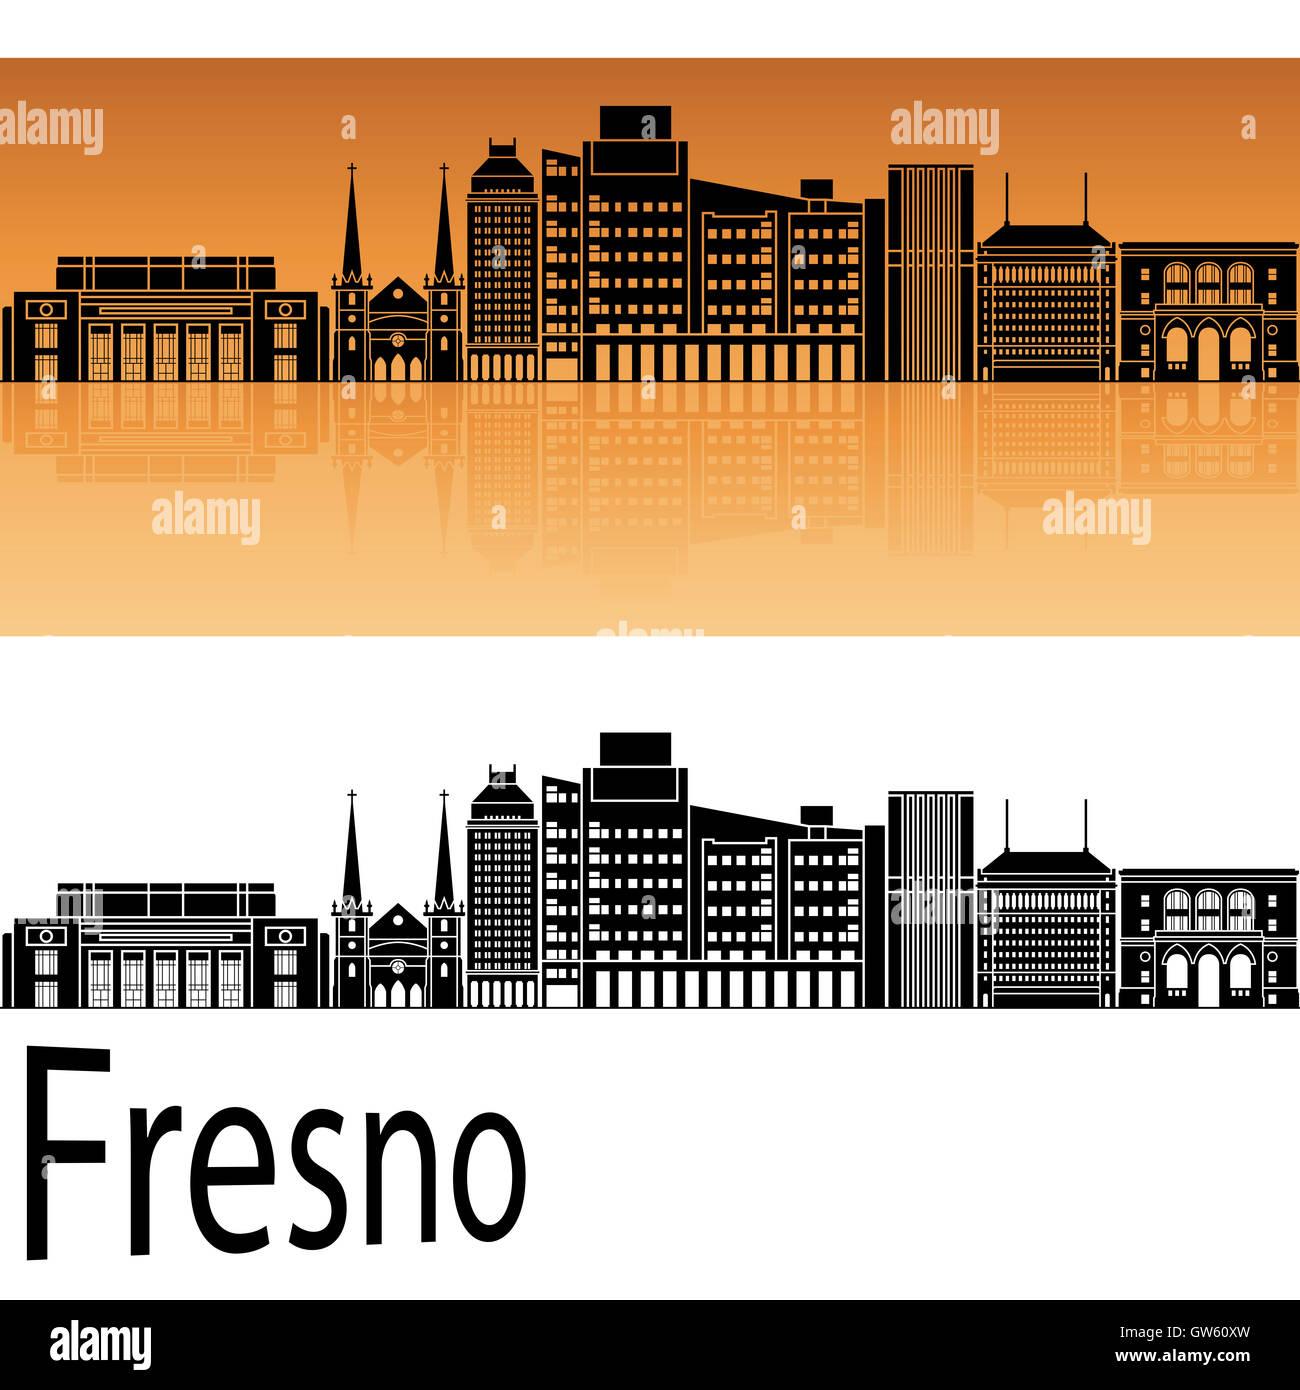 Fresno California Landscape Stock Photos & Fresno